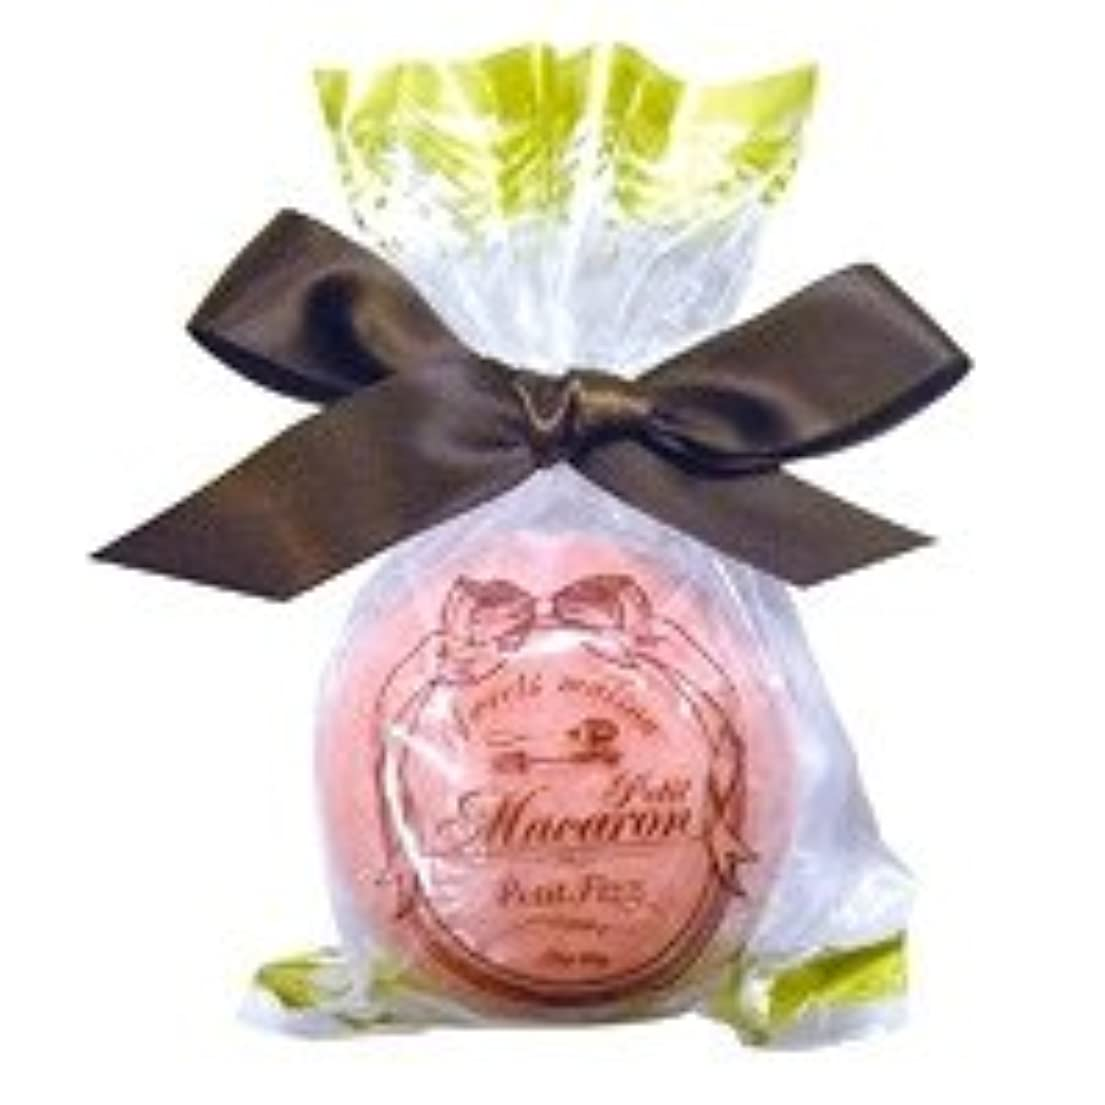 メッセンジャー森林洞察力スウィーツメゾン プチマカロンフィズ「ダークピンク」12個セット 華やかなローズの香り